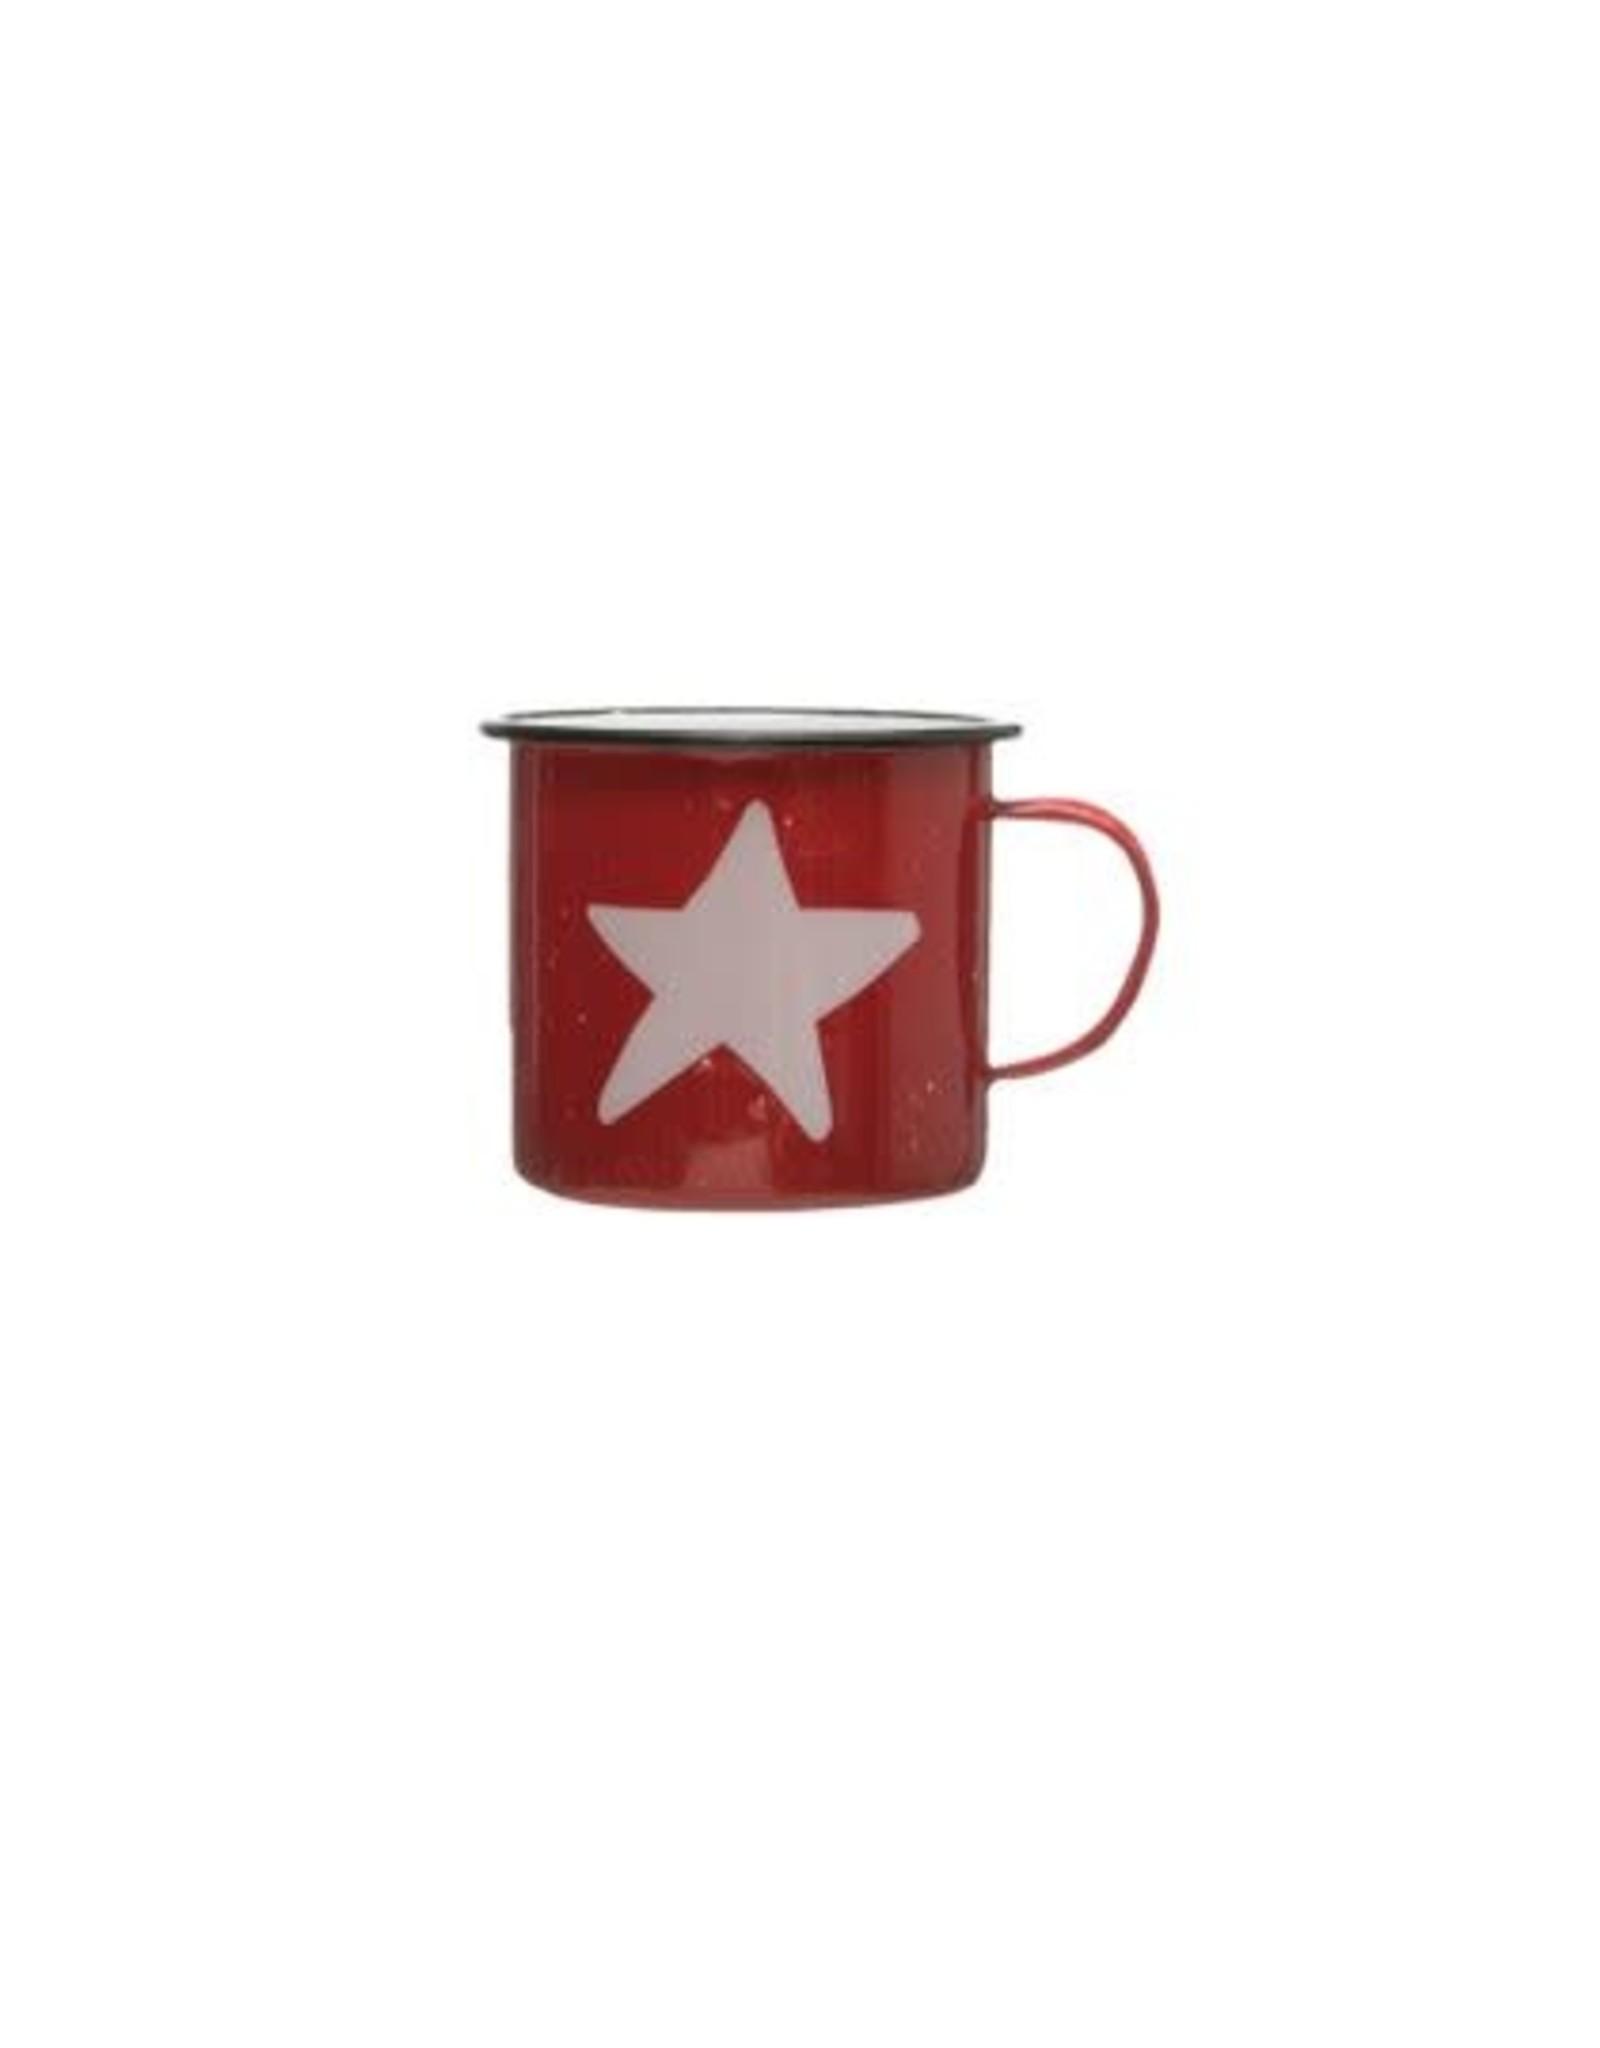 Enameled Mug - Star